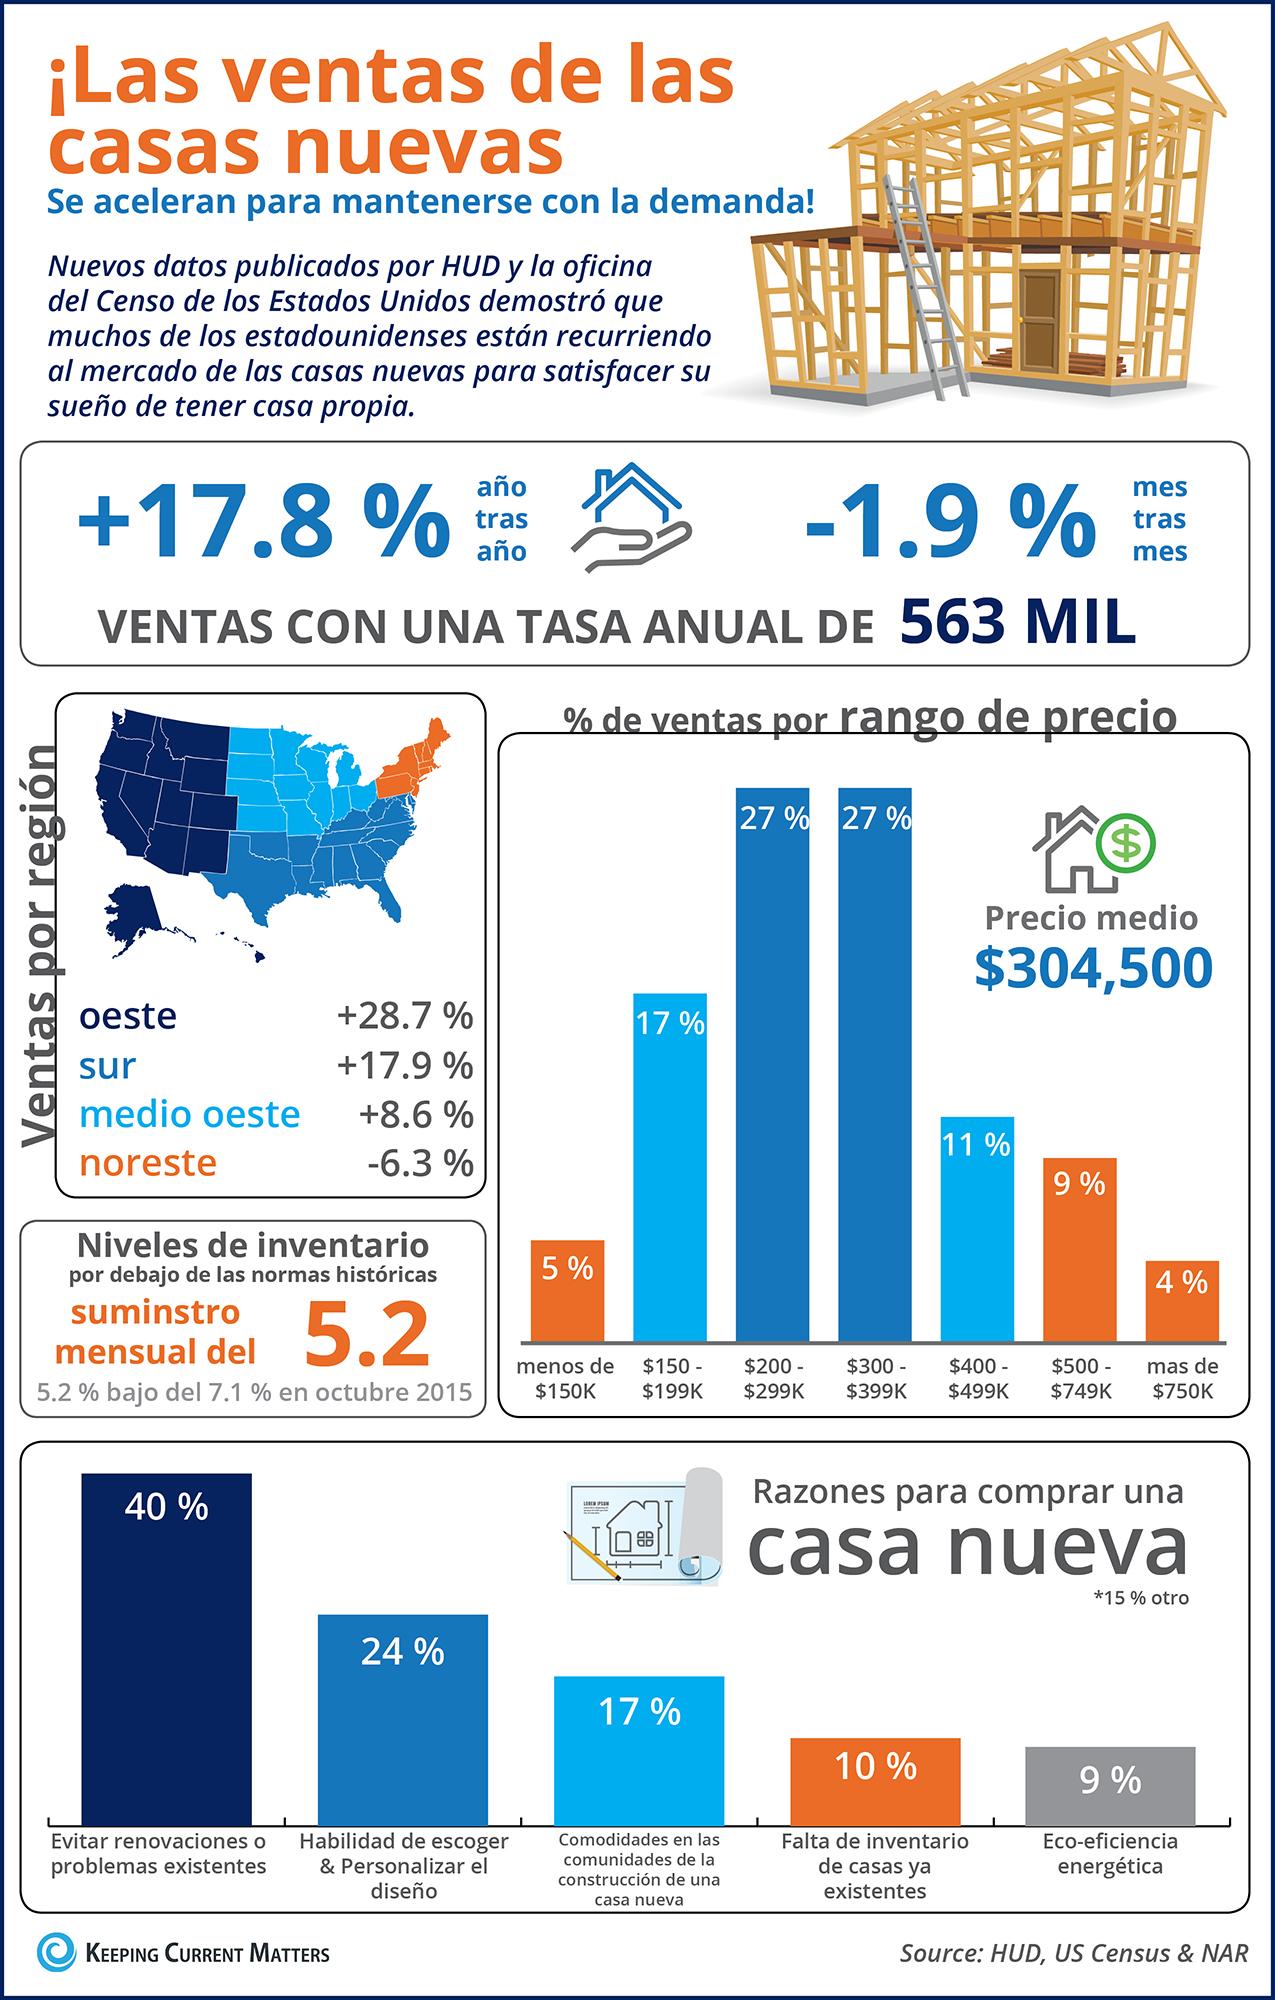 Las ventas de las casas nuevas se aceleran para mantenerse con la demanda [infografía] | Keeping Current Matters